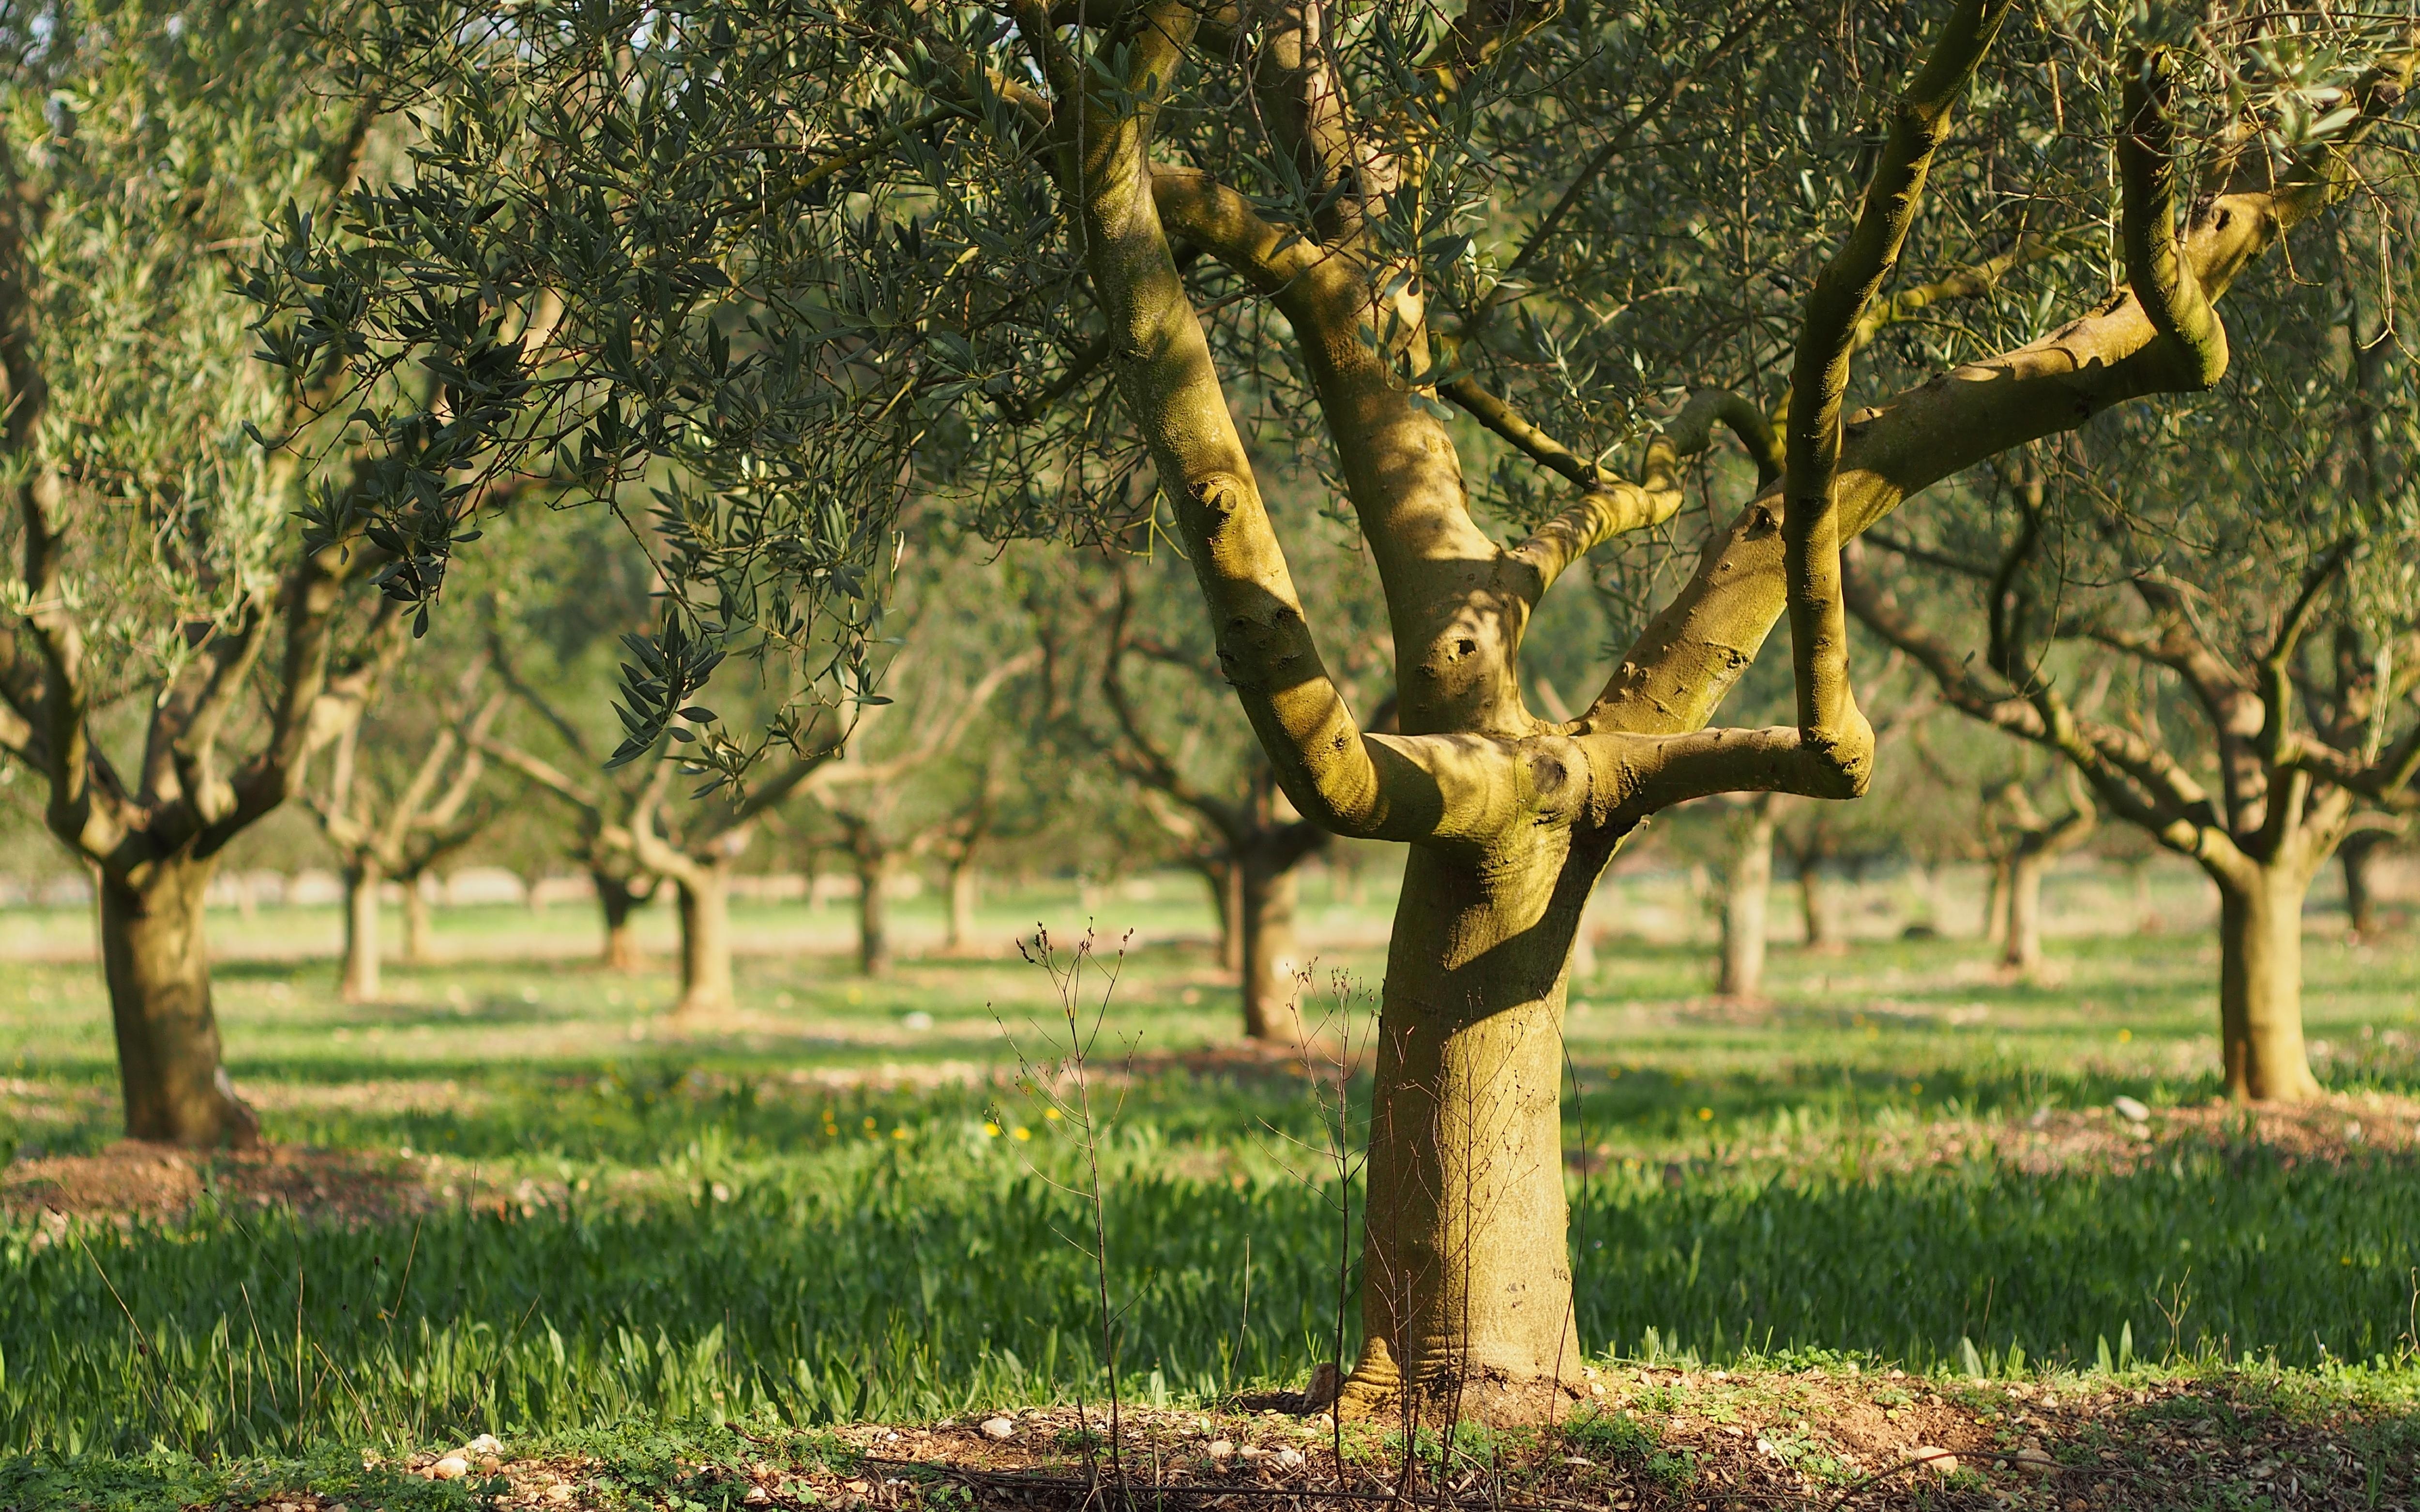 plantation olivier amazing plantation duun olivier centenaire par le paysagiste rouvier romain. Black Bedroom Furniture Sets. Home Design Ideas